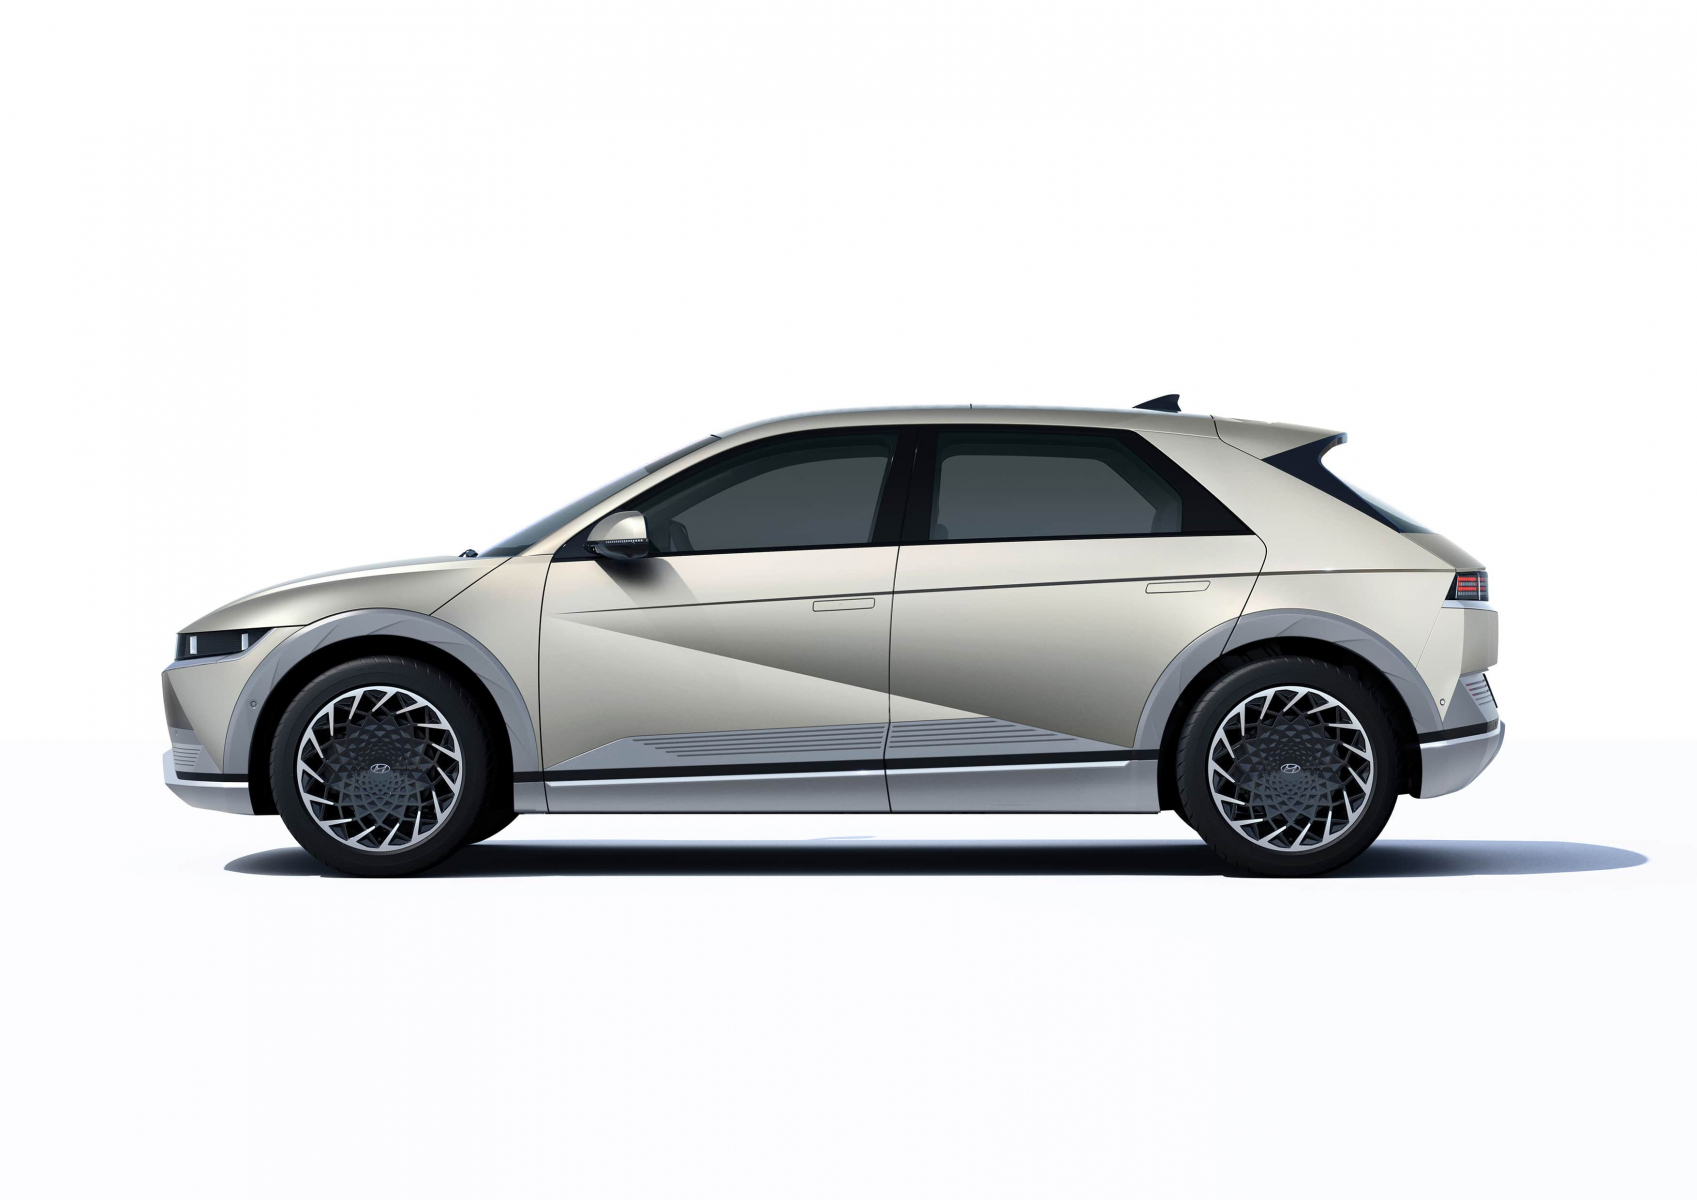 Hyundai IONIQ 5 переосмислює спосіб життя з електричною мобільністю | Автопланета - фото 12